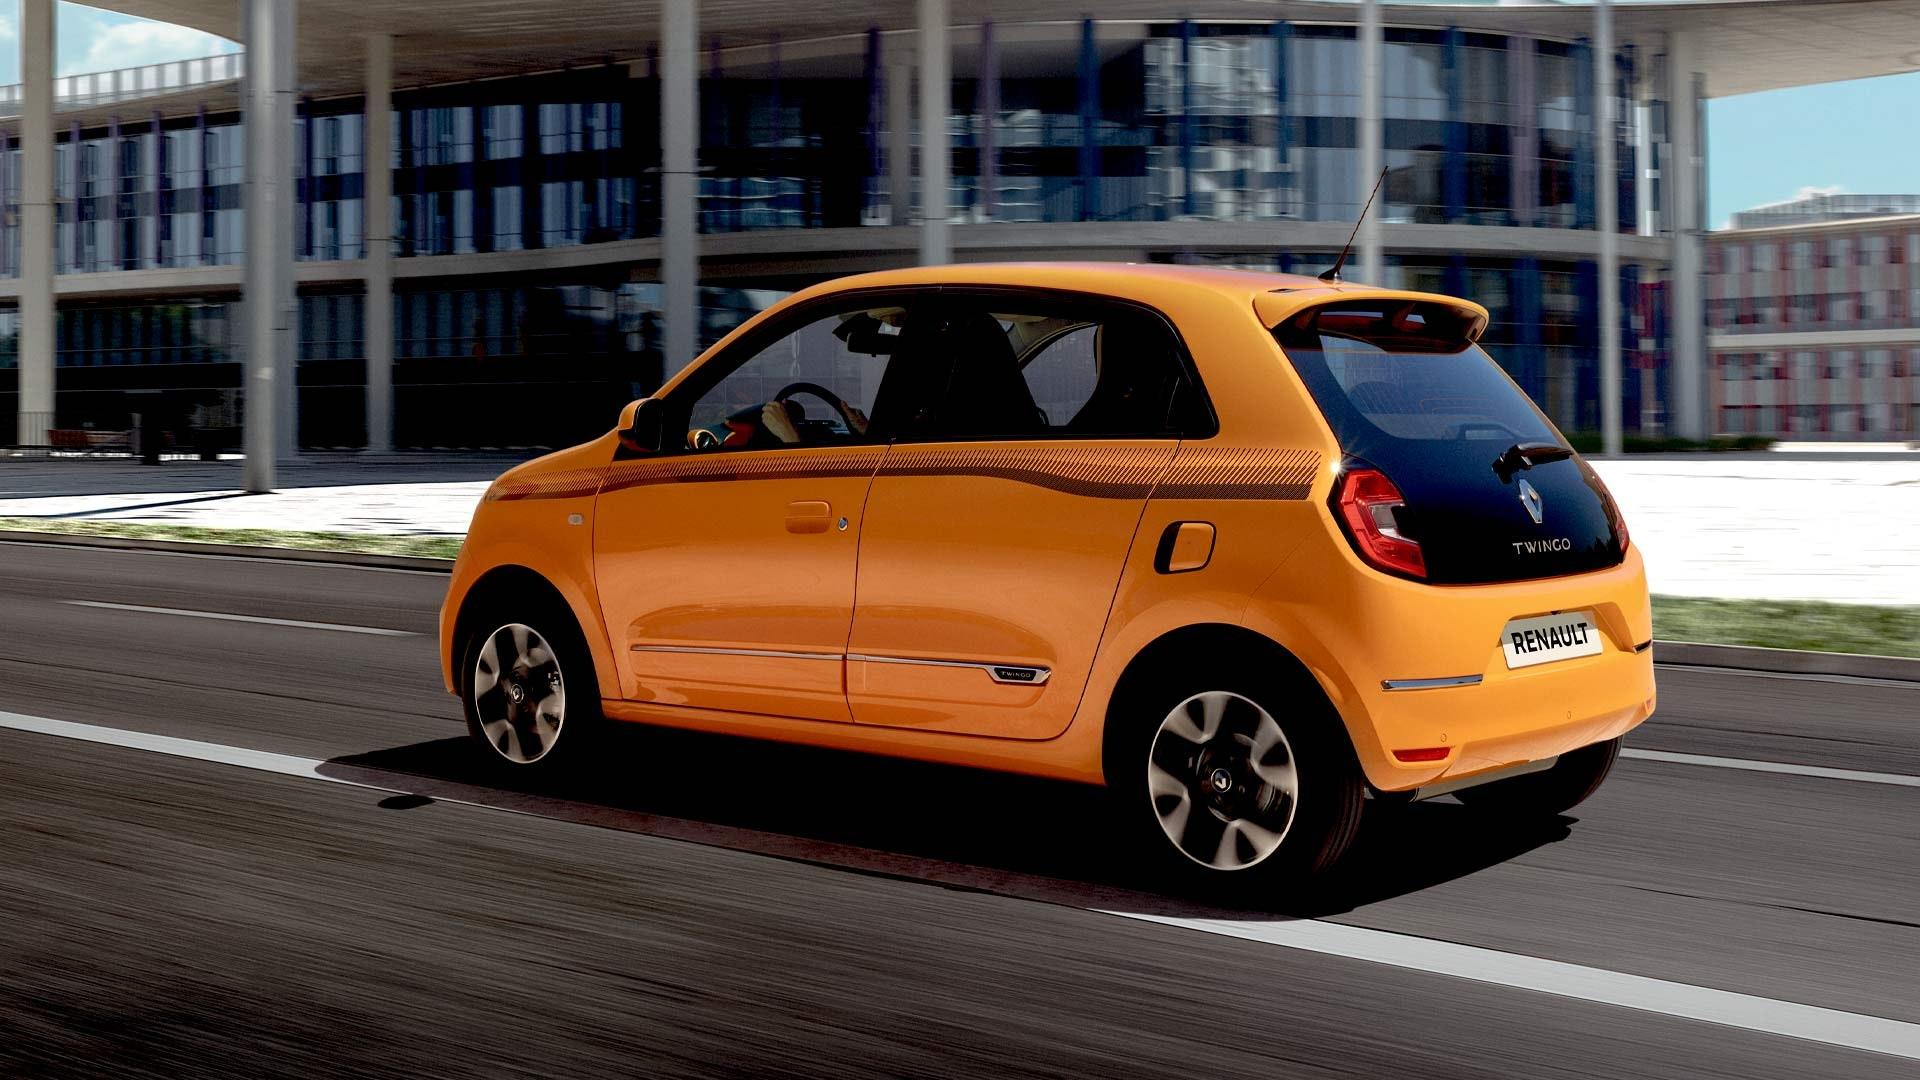 Renault Twingo orange fra siden